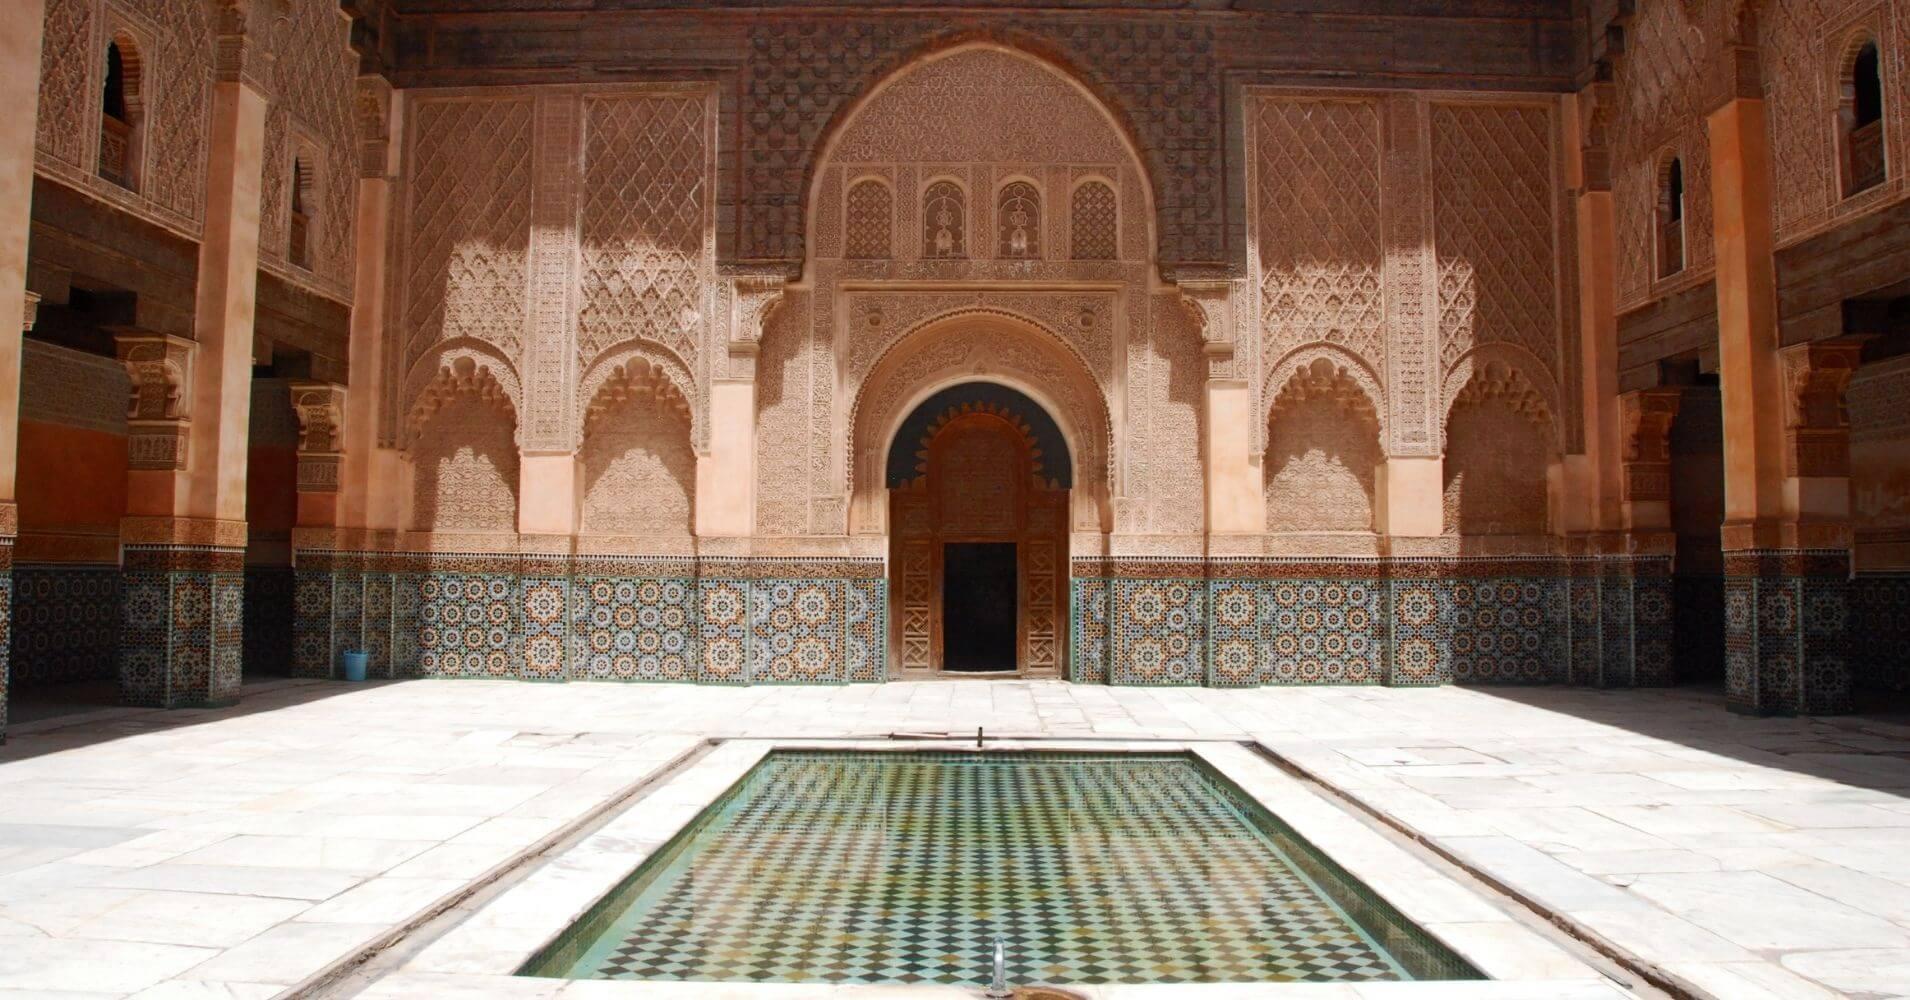 Madrasa de Ben Youssef, Marrakech. Marruecos.